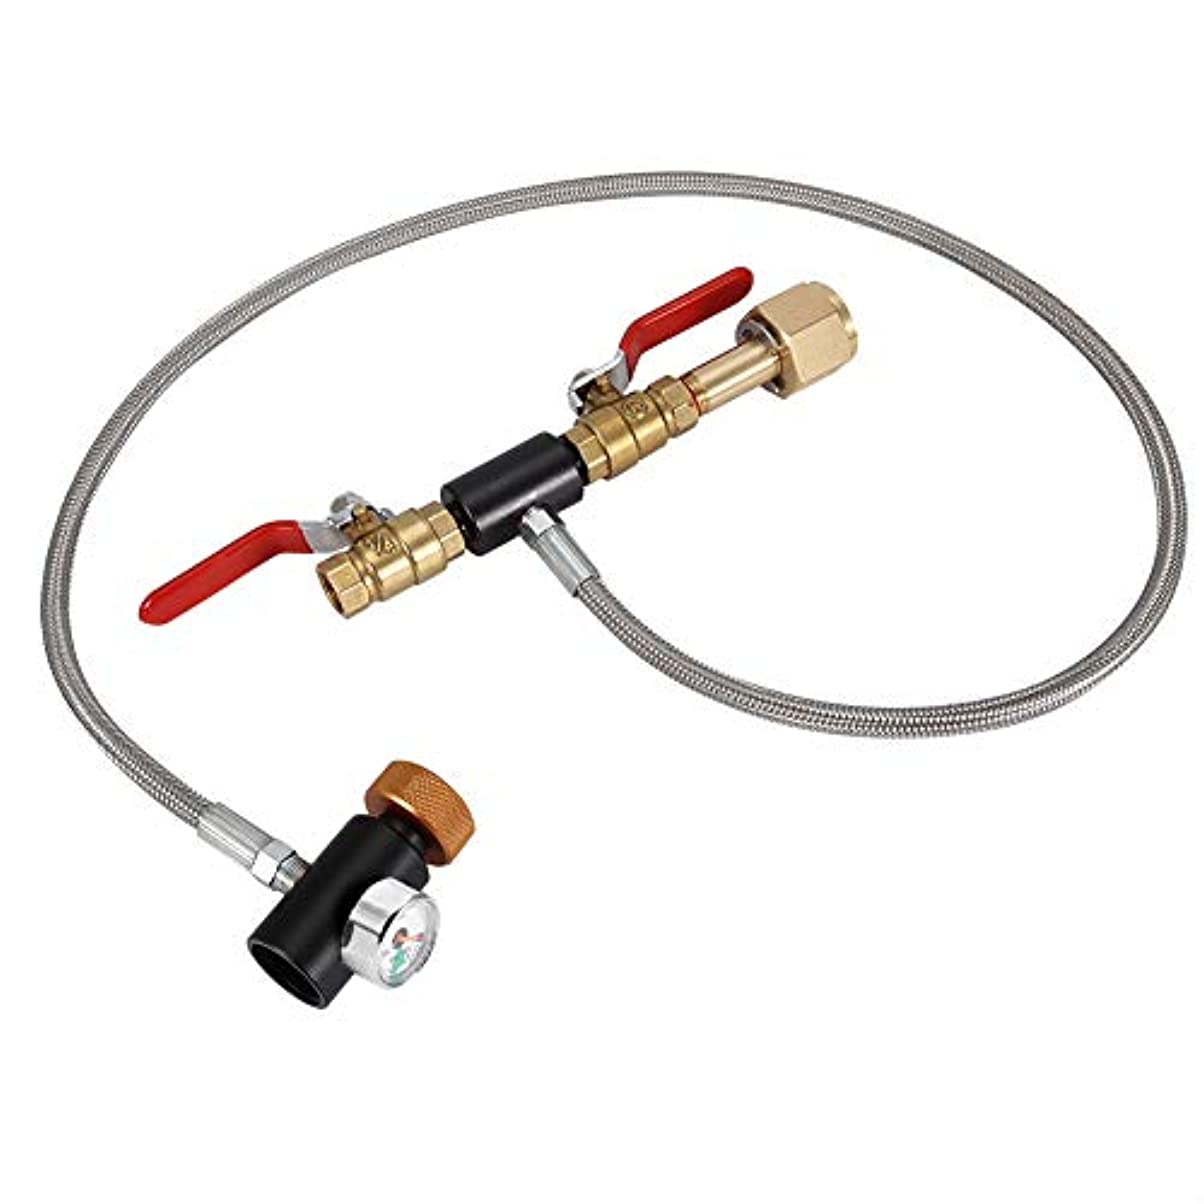 パーセント退院髄充填ソーダストリームタンク用ホース付きG1 / 2 CO2シリンダー詰め替えアダプターボトルコネクタCO2タンクソーダメーカーアクセサリー(36インチゲージ)